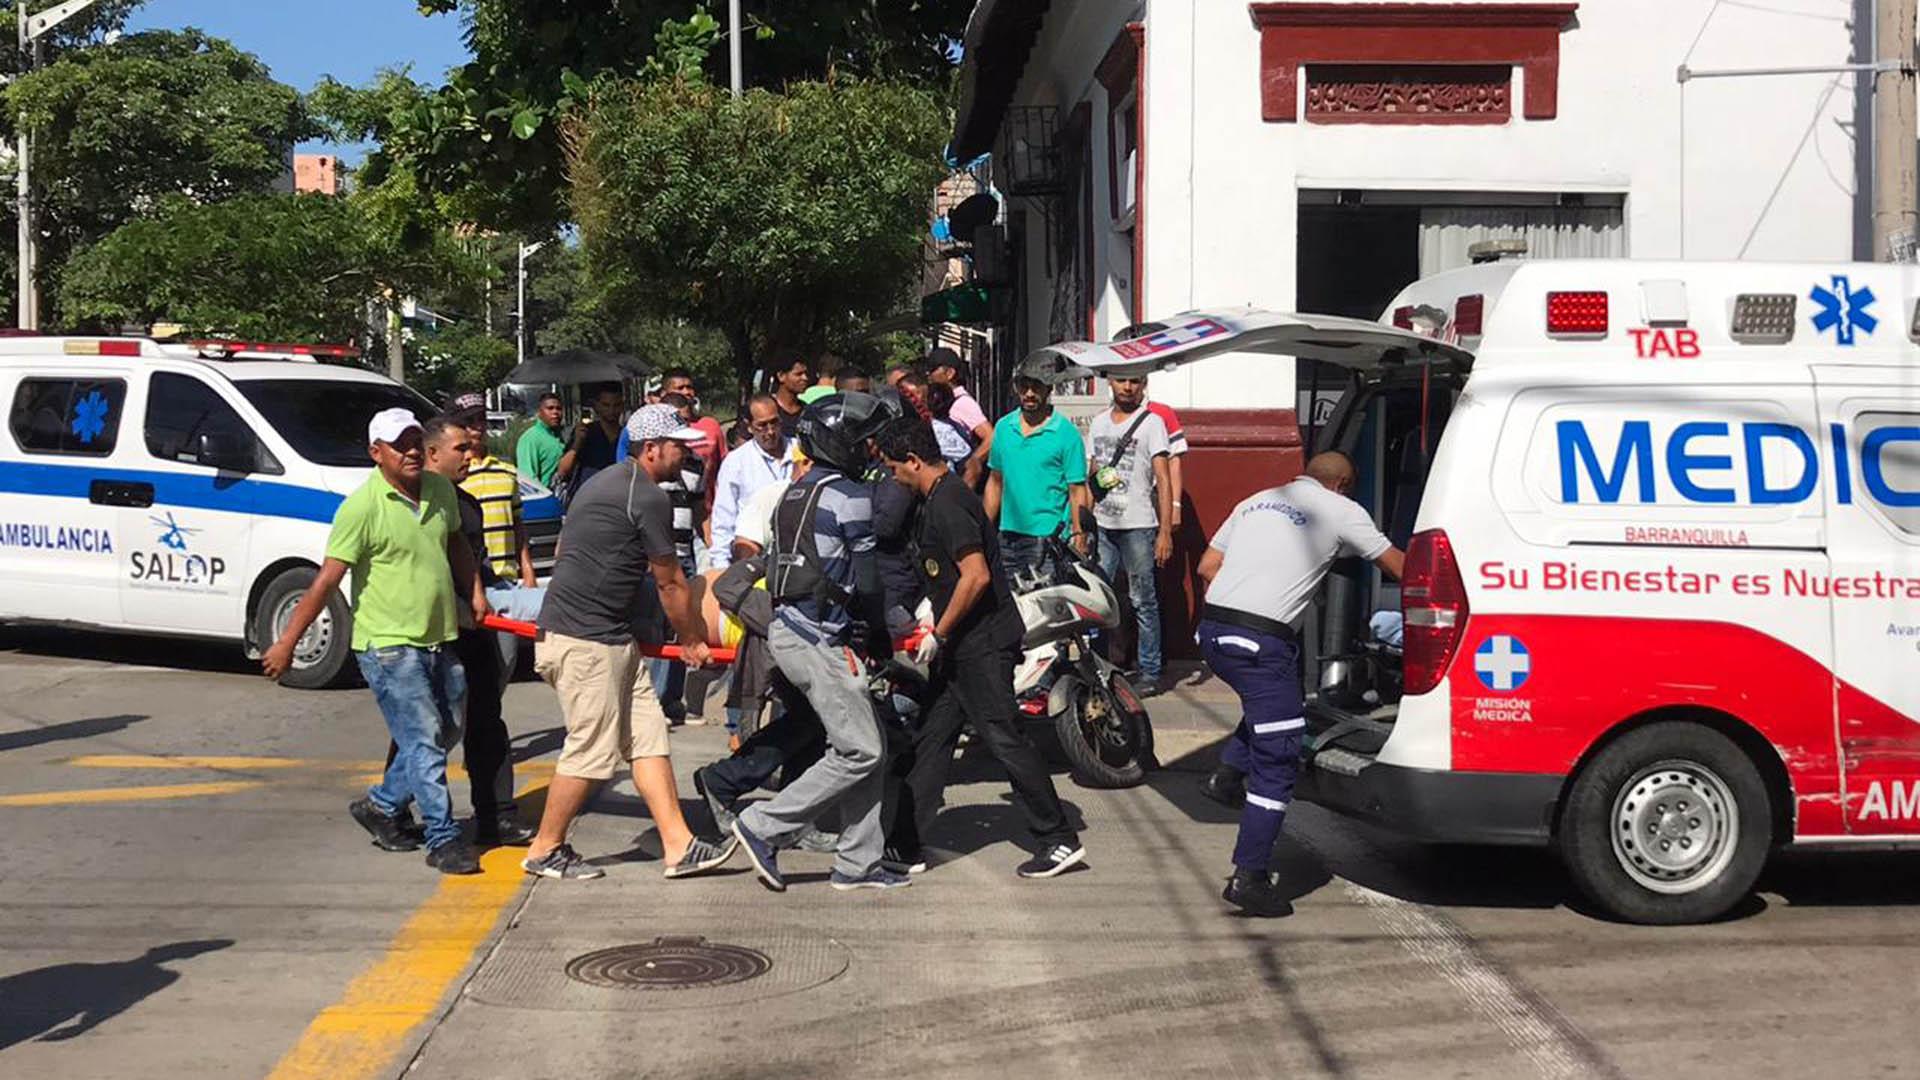 Momento en el que suben al motociclista en la ambulancia que lo trasladó a un centro de salud.